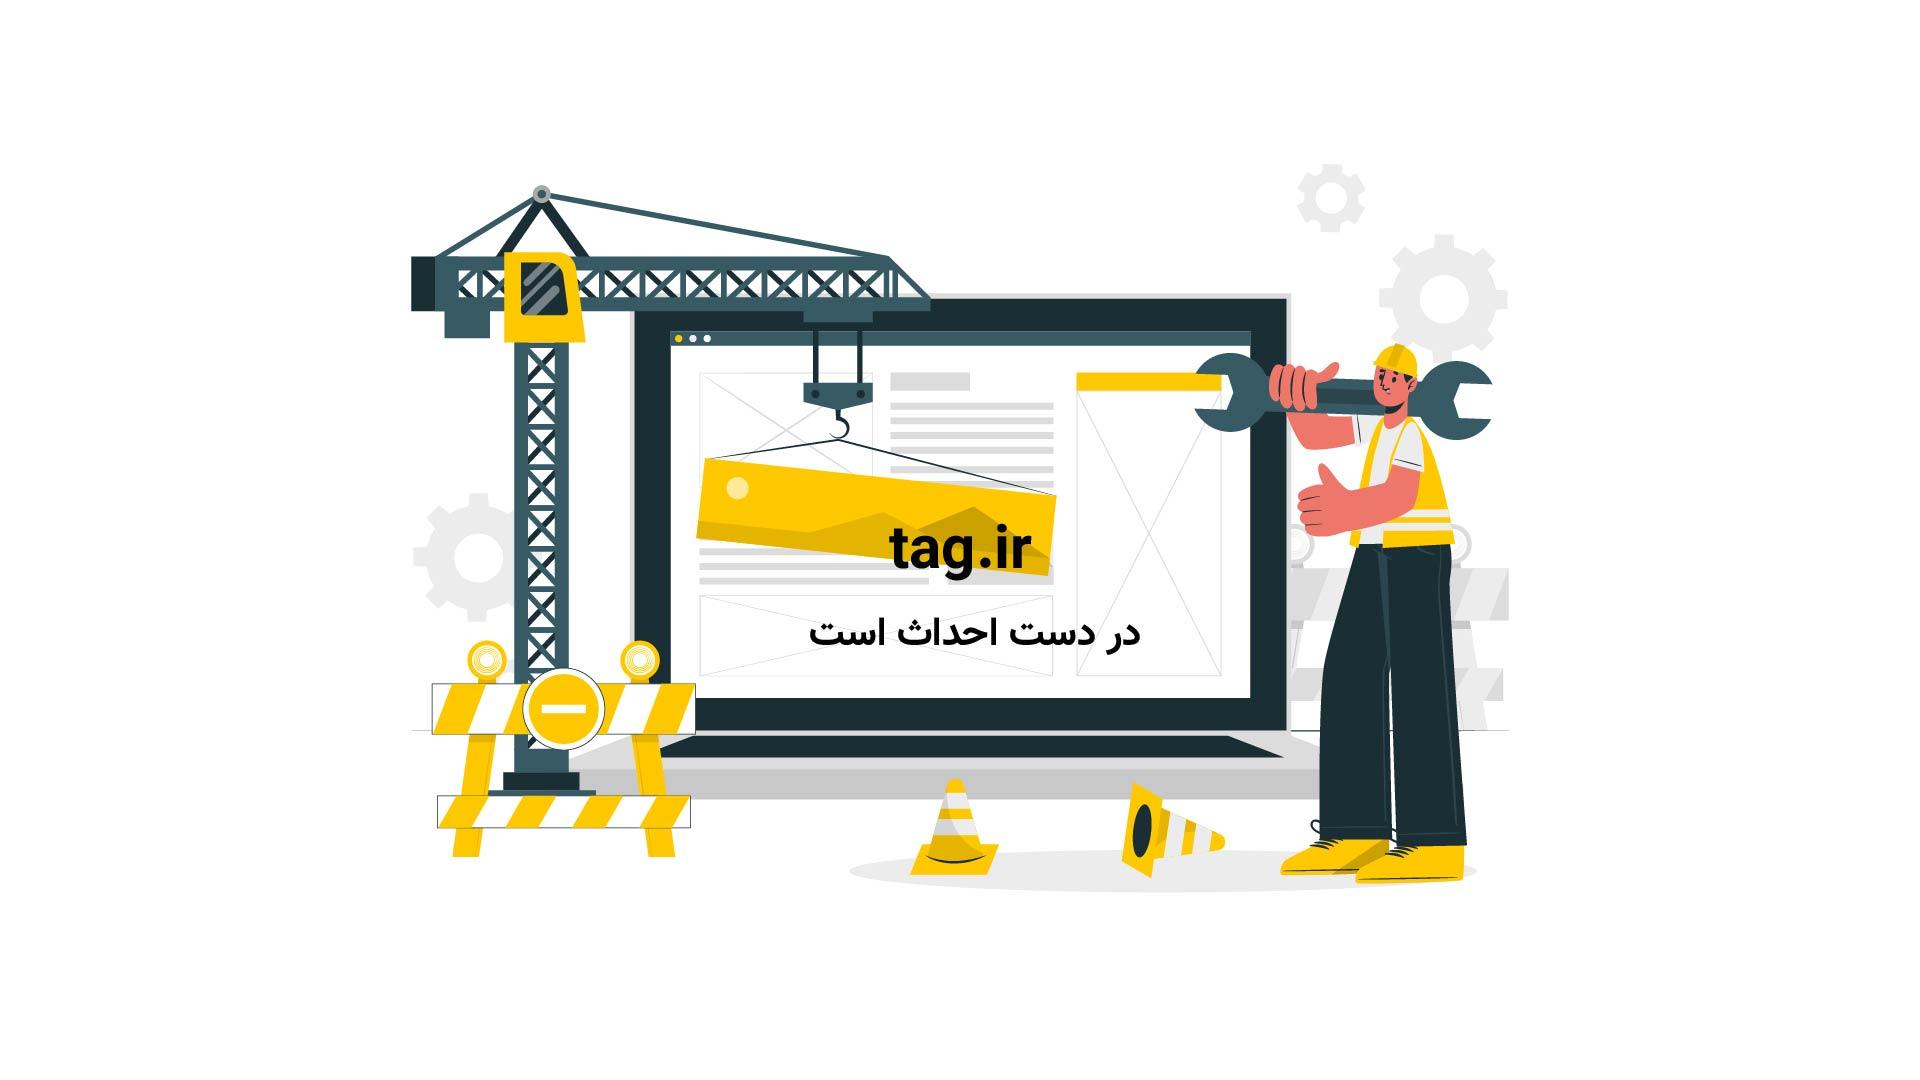 تصادف شدید در جاده سیمان شهرری با ۳ کشته و یک مجروح   تگ